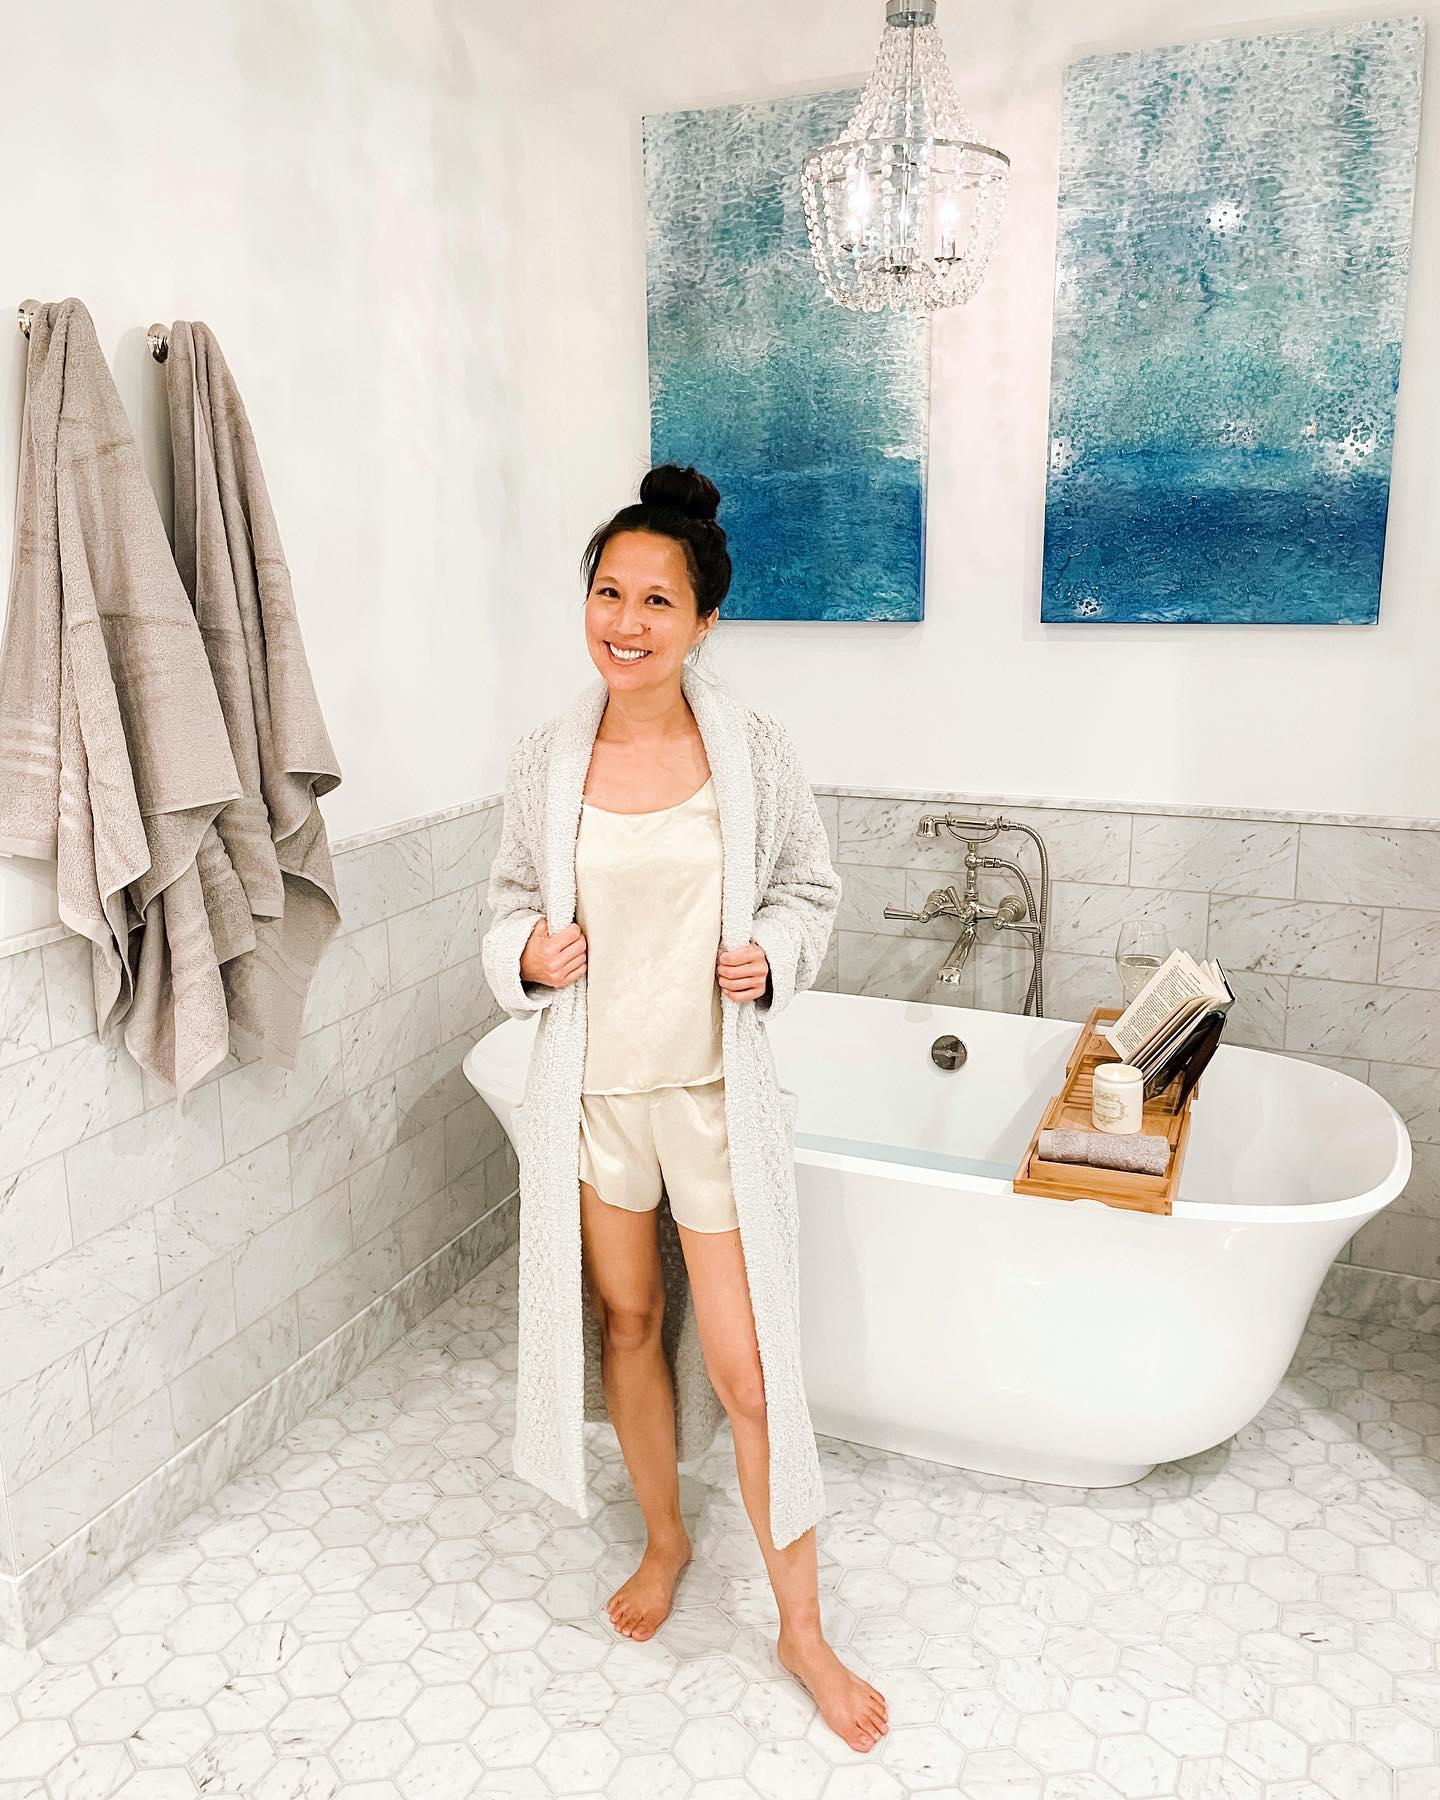 Woman standing in bathroom weraing robe. Woman standing near bath tub. Woman standing in pajamas. Woman in bathroom wearing pajamas. Woman wearing pajamas.